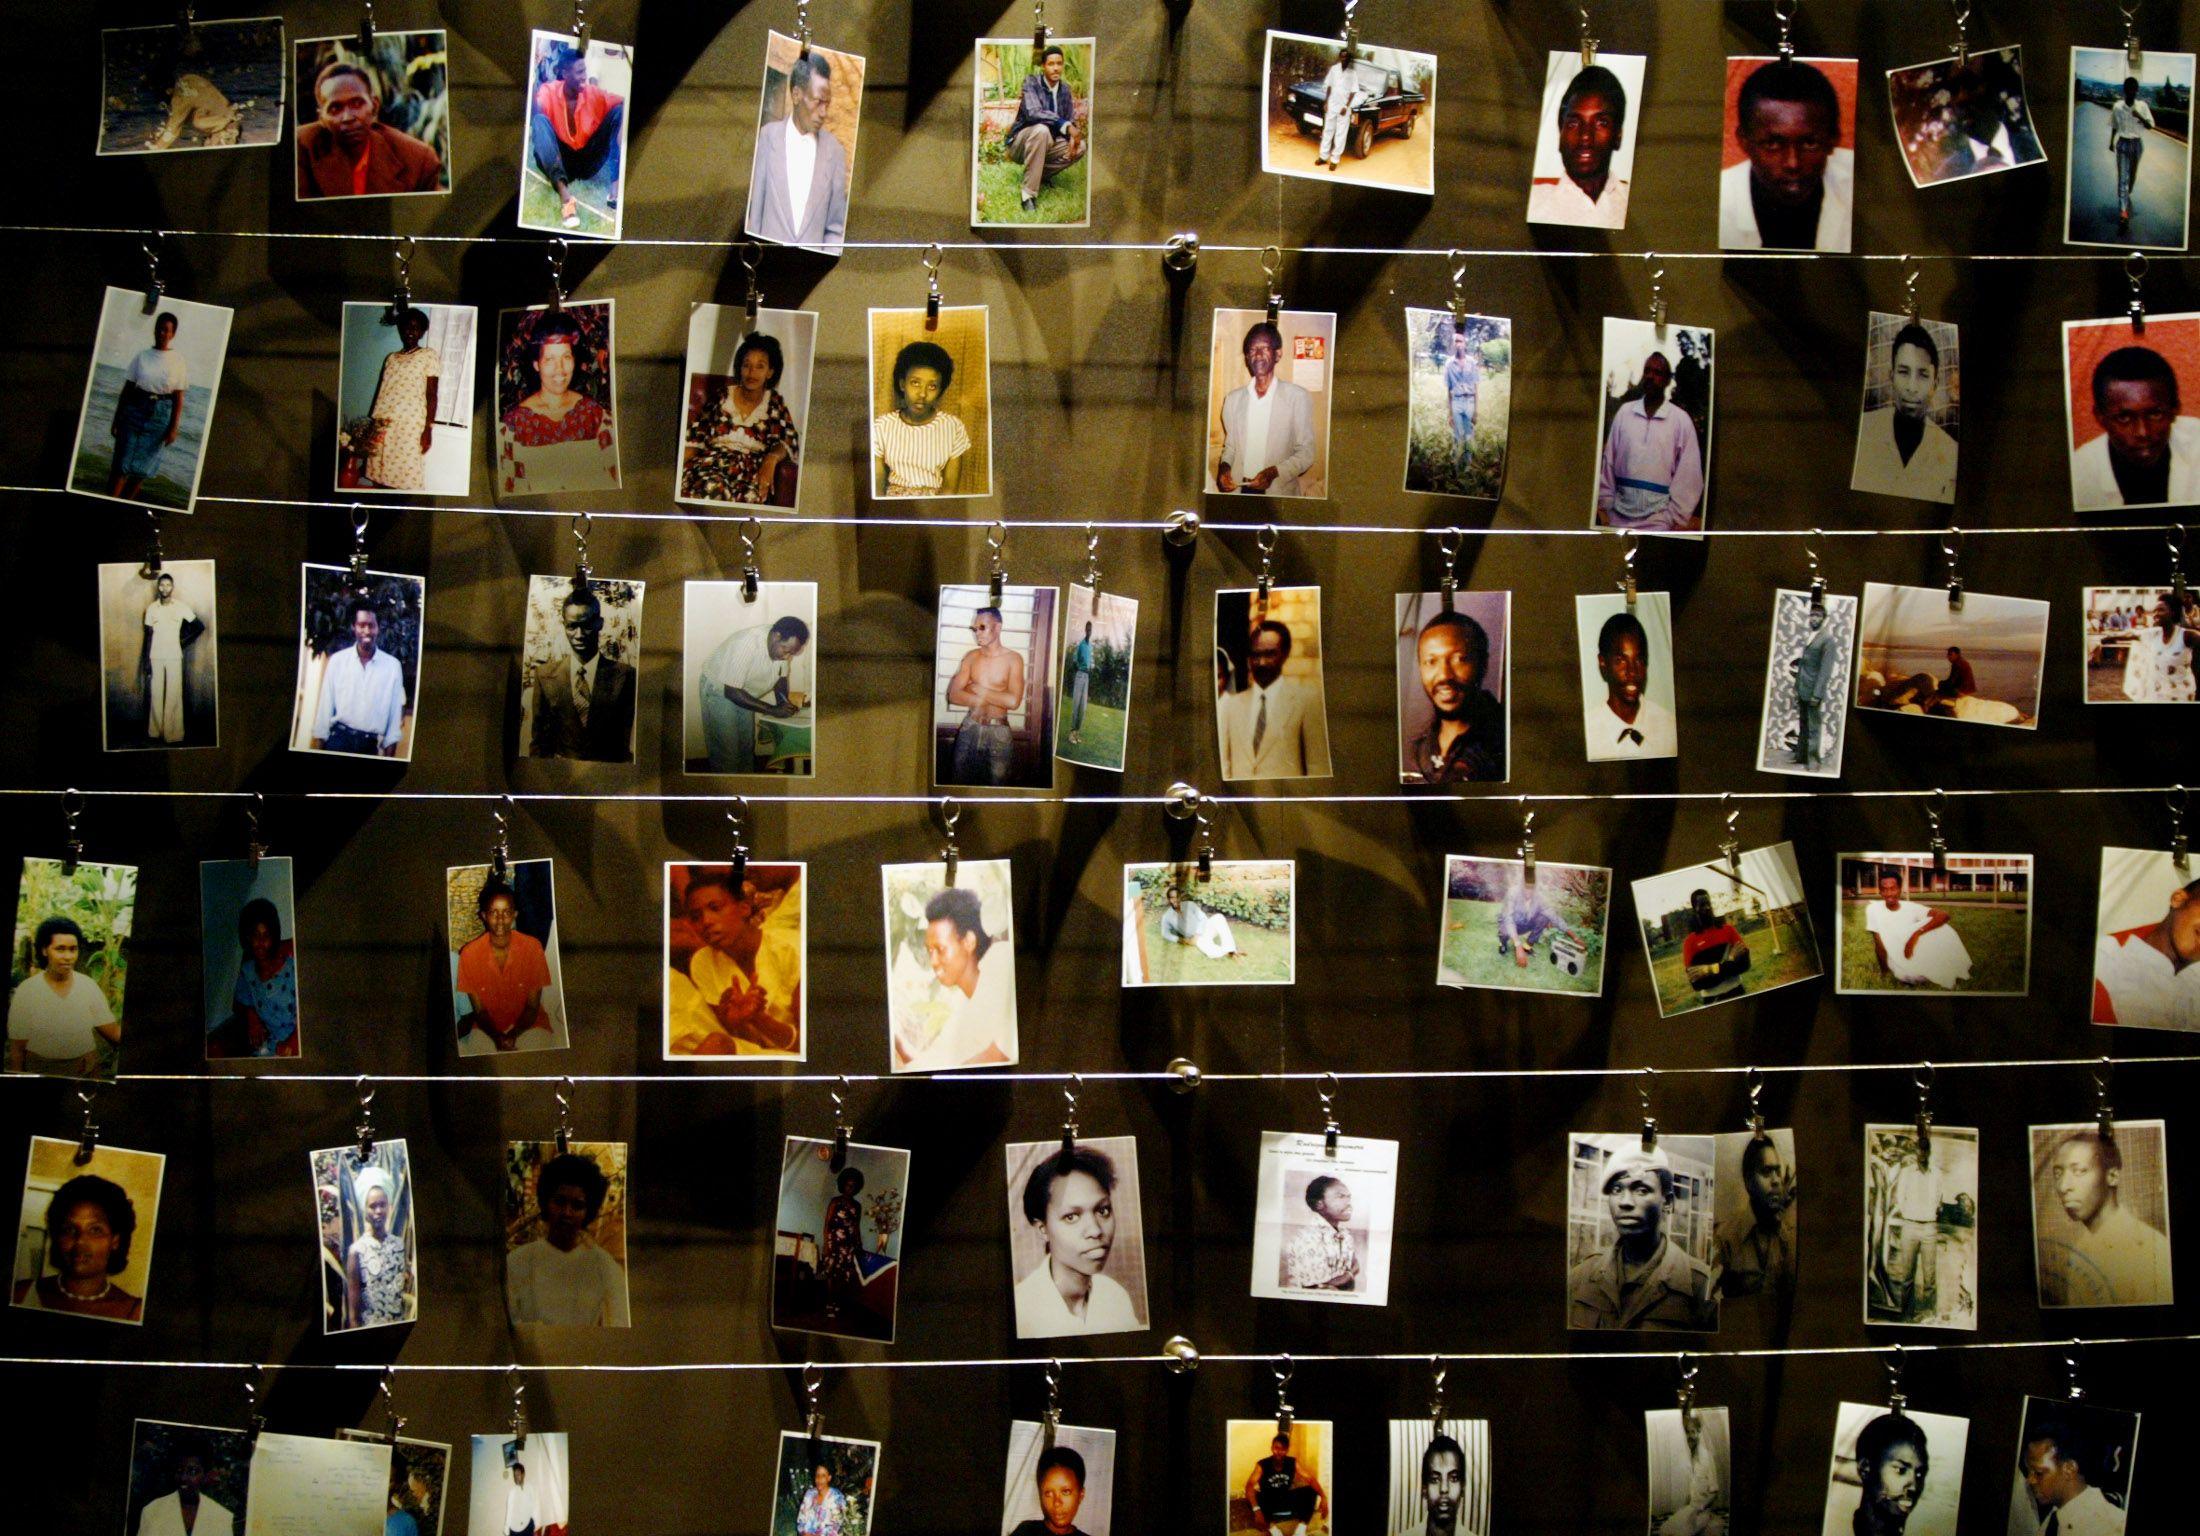 12-29-15 Rwanda